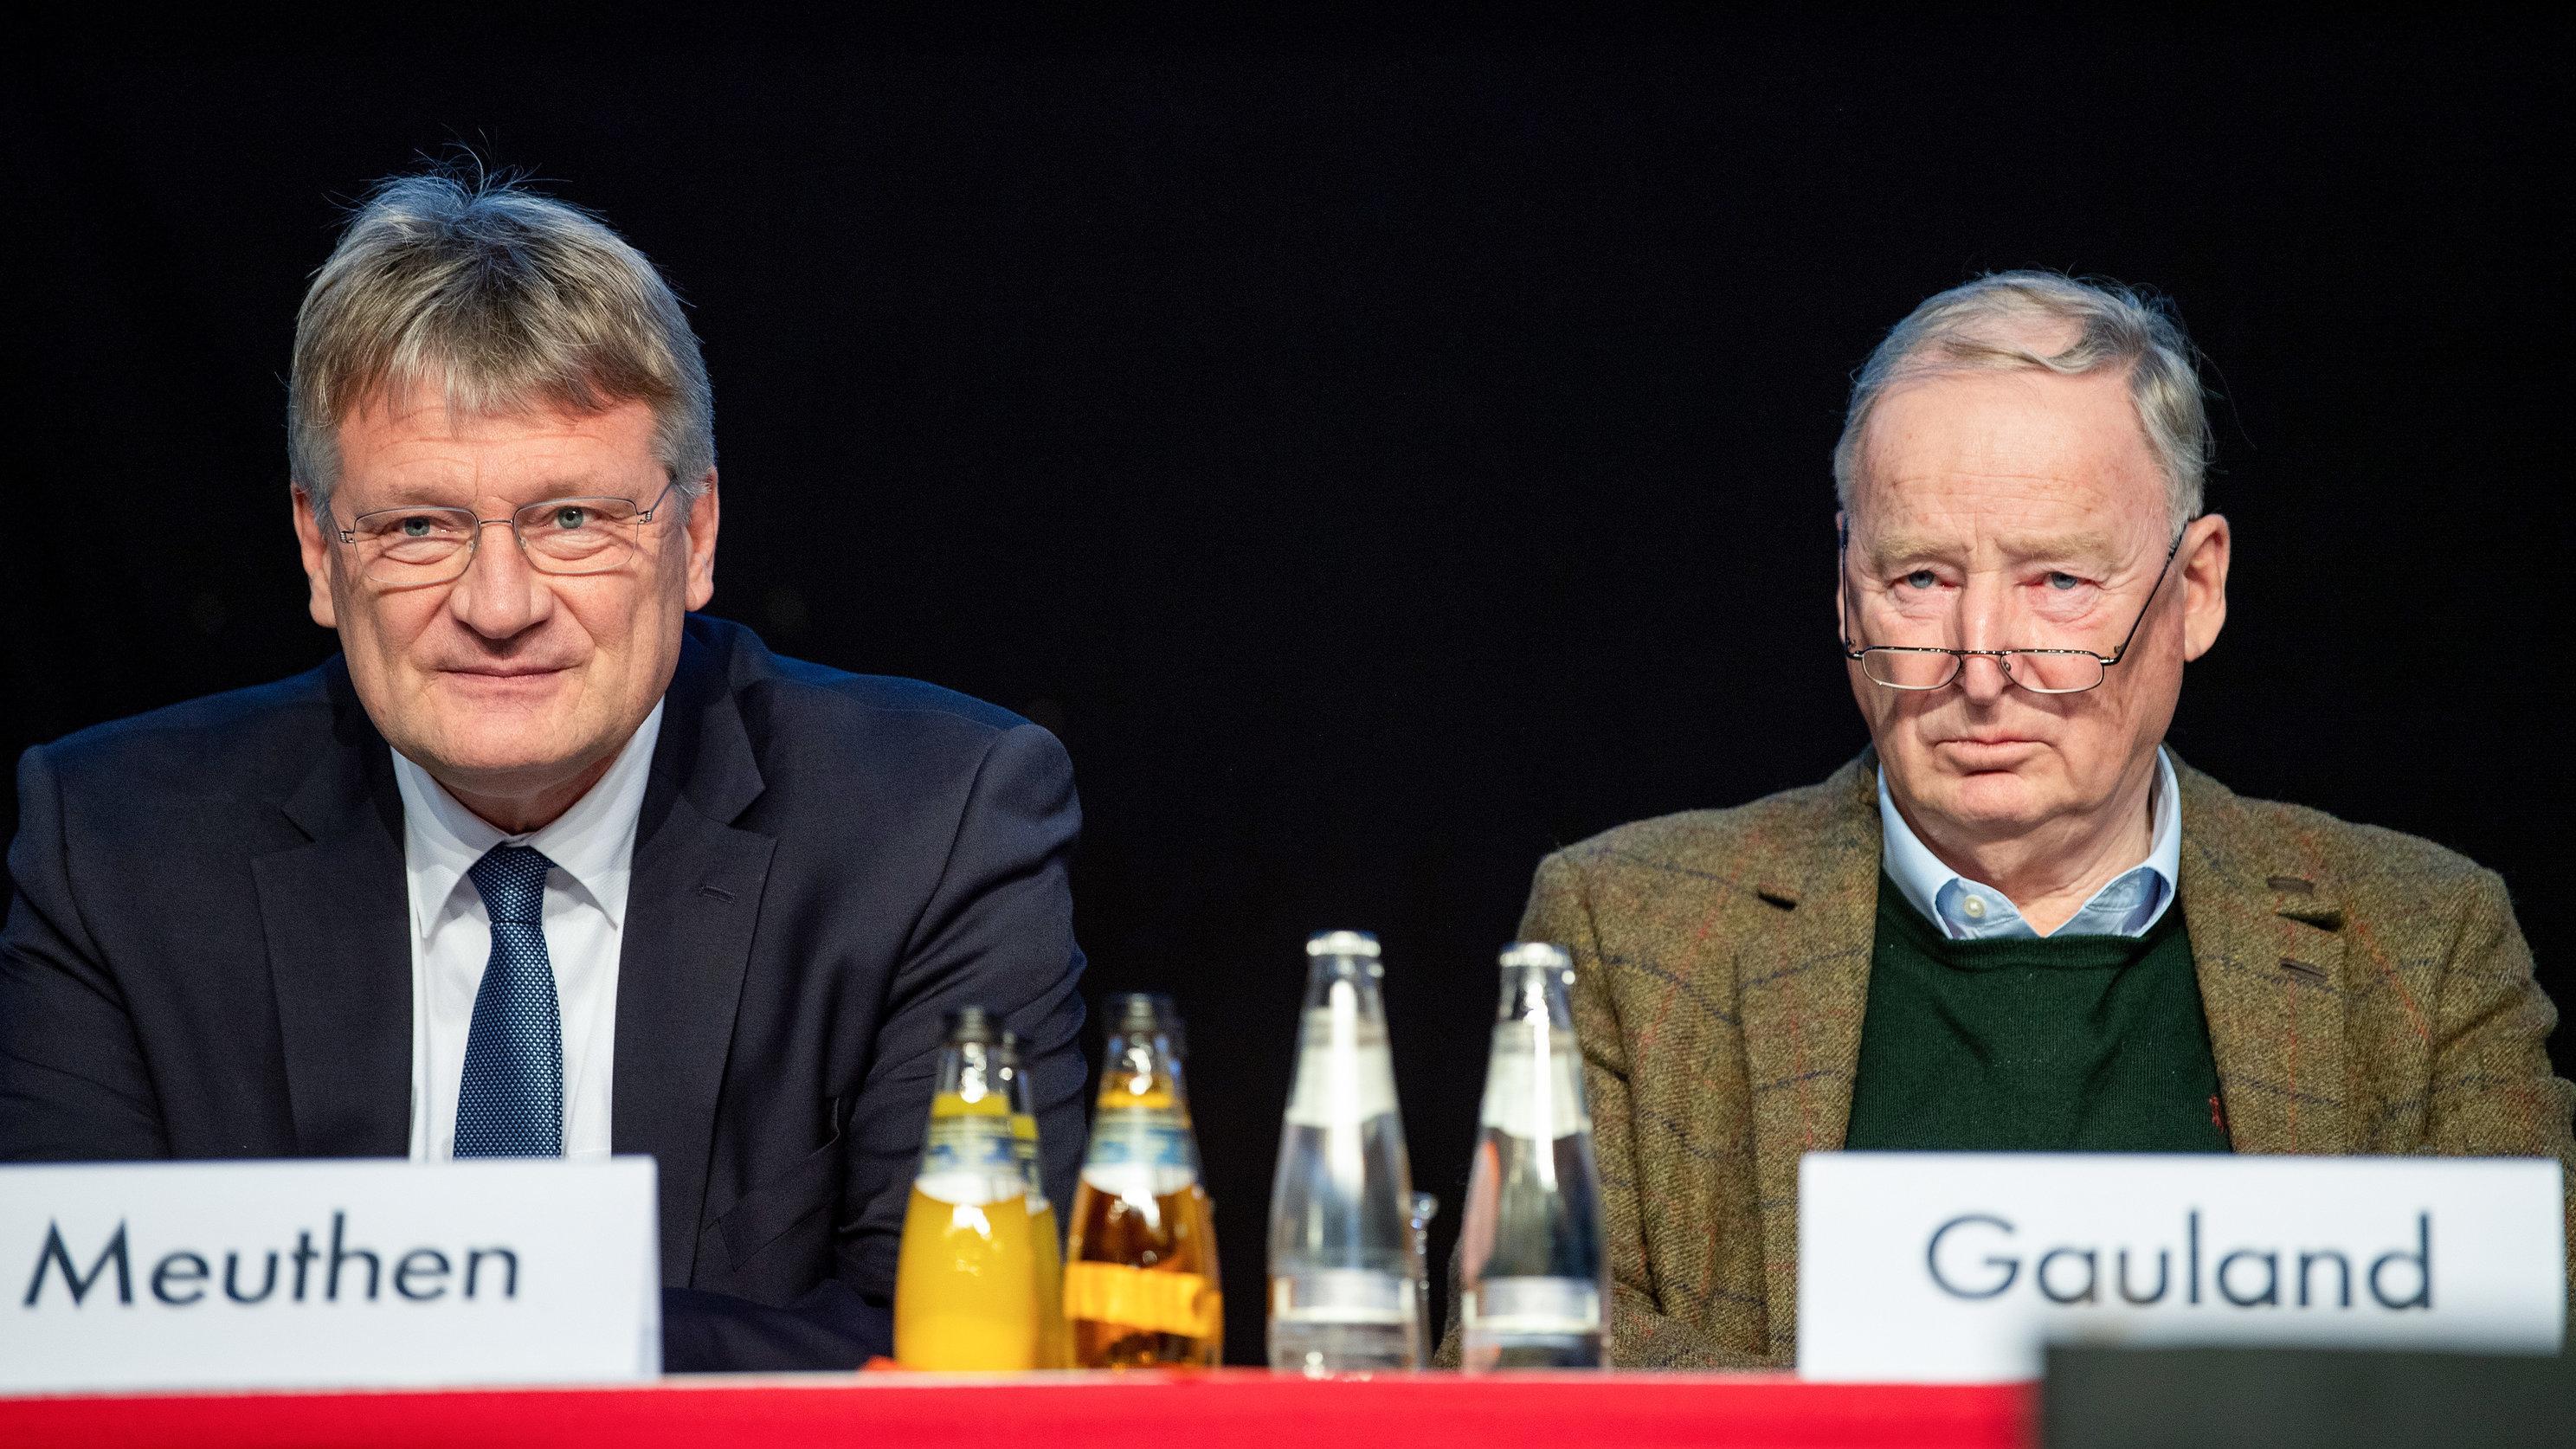 Jörg Meuthen, AfD-Vorsitzender und Spitzenkandidat für die Europawahl 2019, und Alexander Gauland, Fraktionsvorsitzender der AfD im Bundestag.